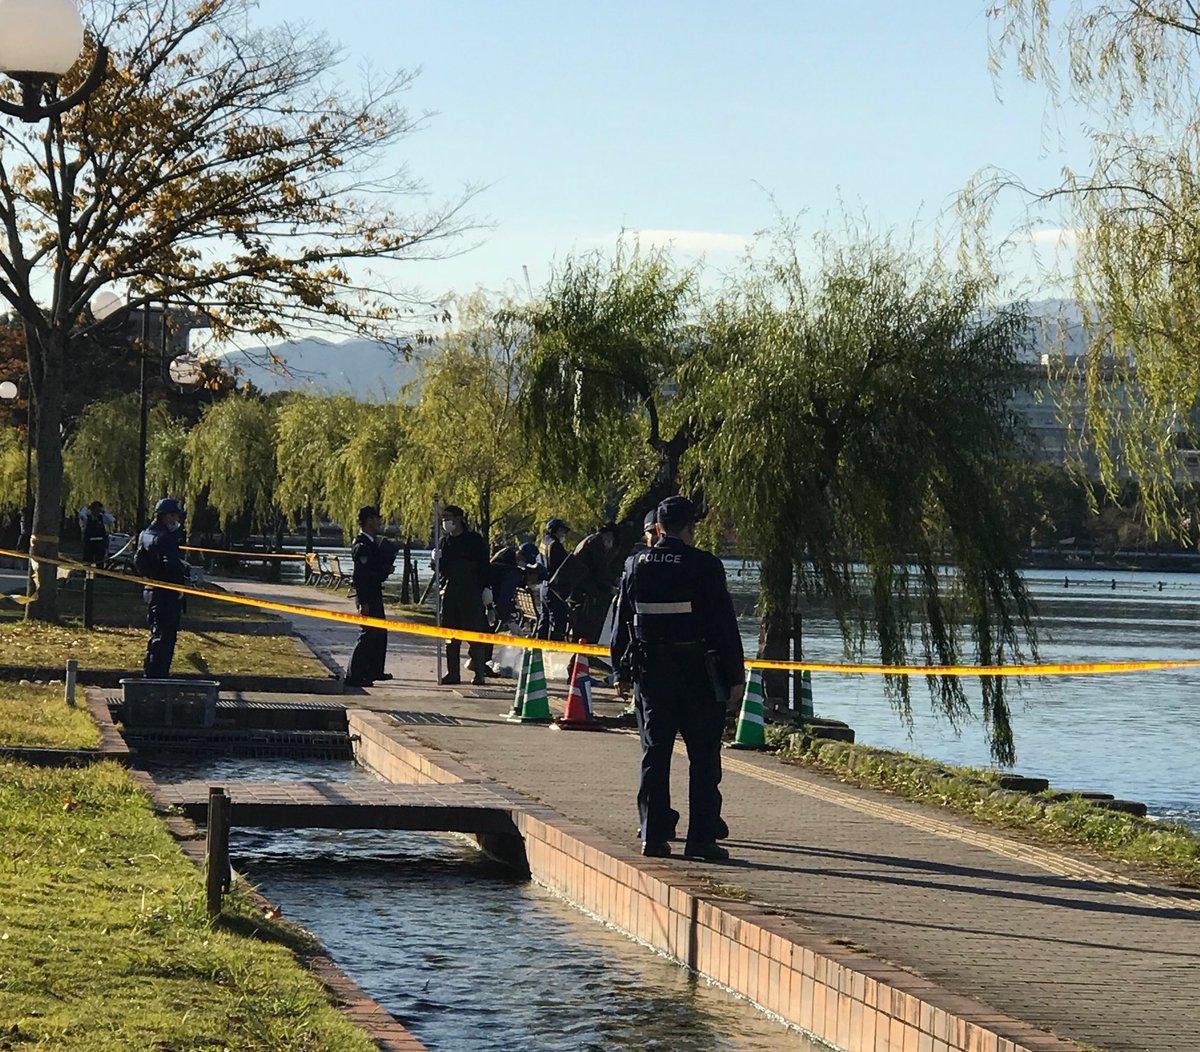 大濠公園で男性の遺体が見つかった現場の画像